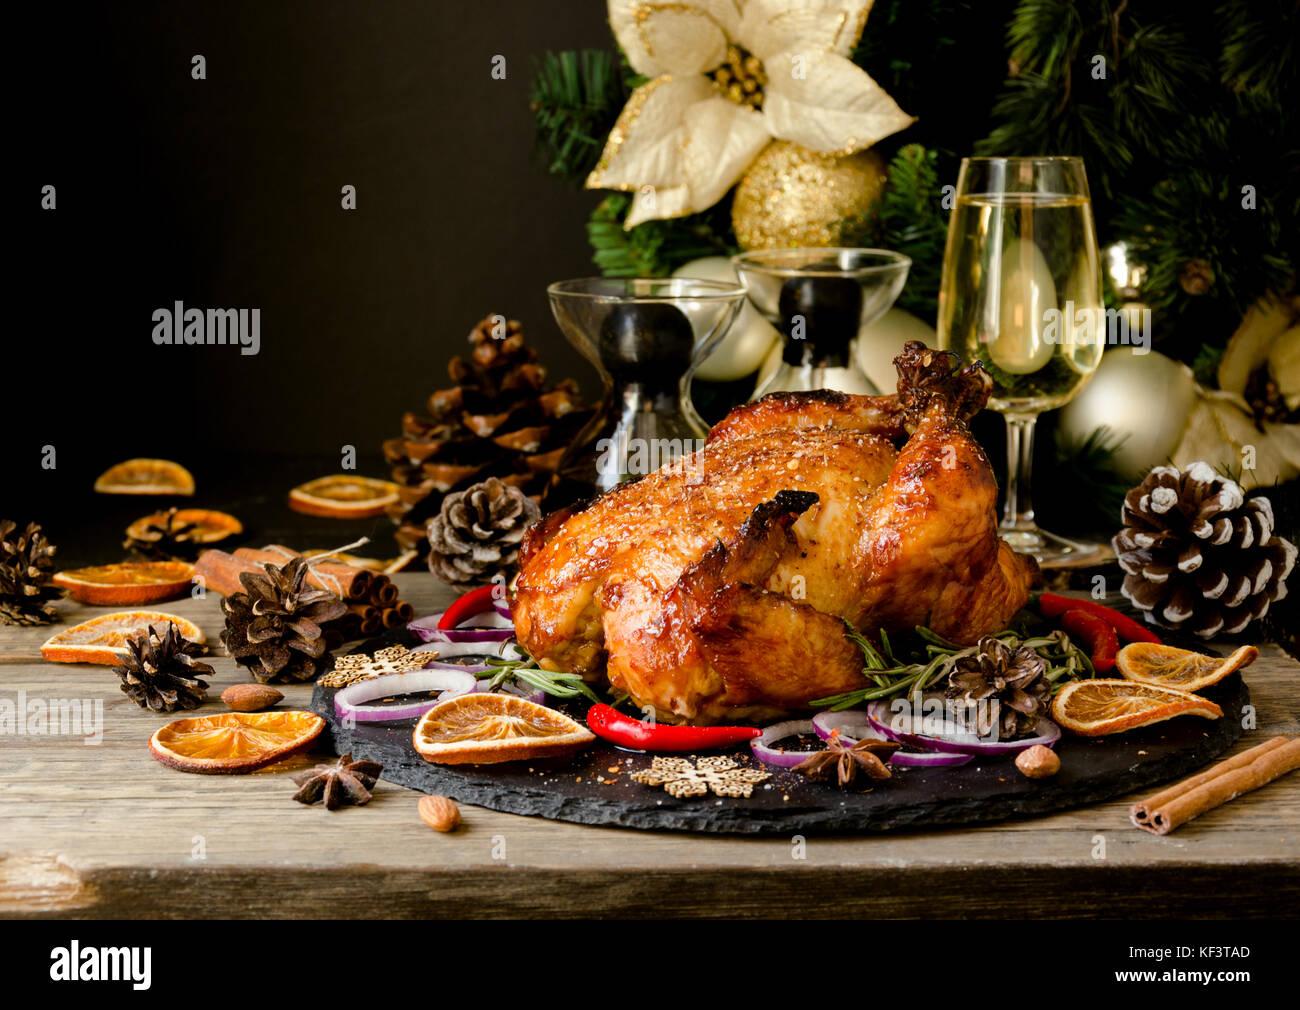 Gebratenes Huhn oder Truthahn für Weihnachten und das neue Jahr mit Glühwein und Weihnachtsschmuck, Platz Stockbild